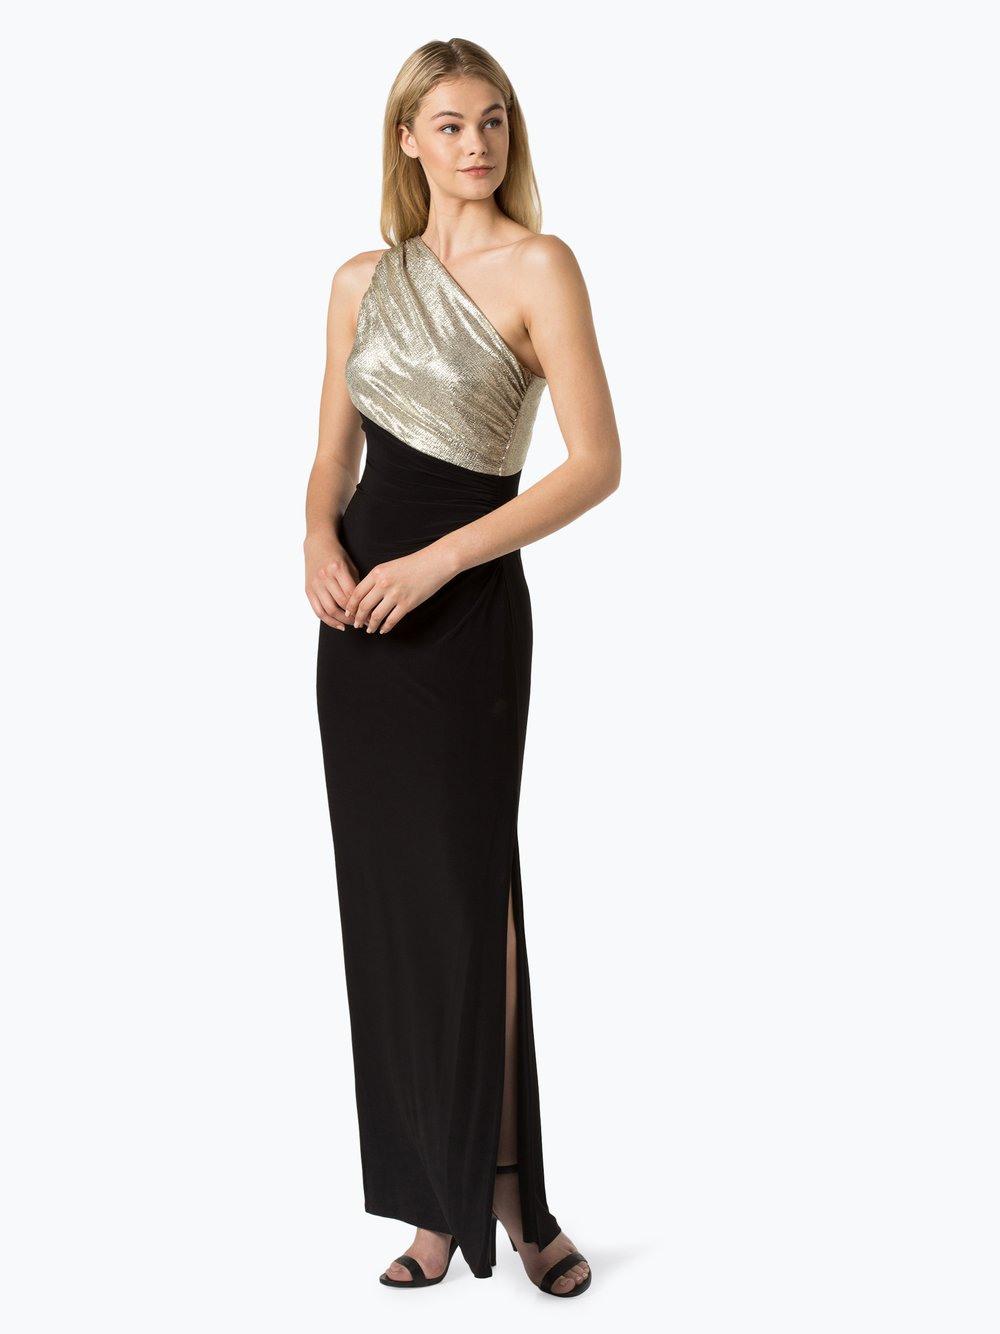 Schön Abendkleider Ralph Lauren Design20 Coolste Abendkleider Ralph Lauren Vertrieb